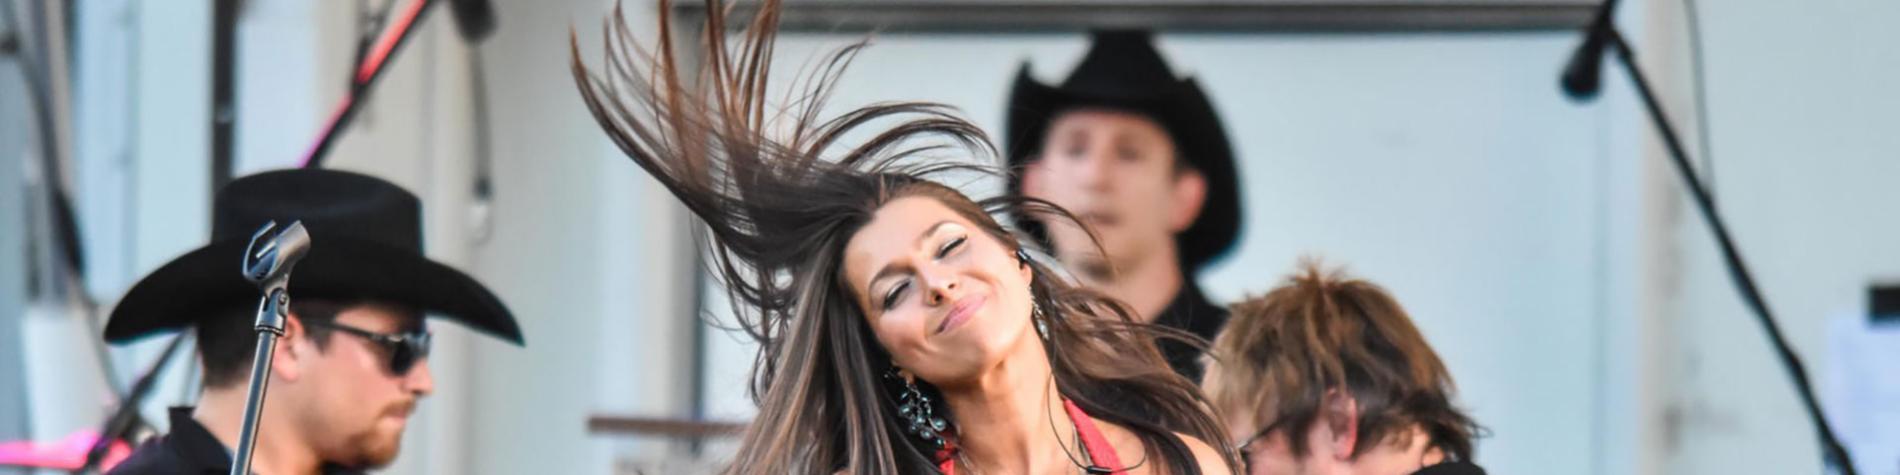 Festival Country & Western - Jessica Lynn